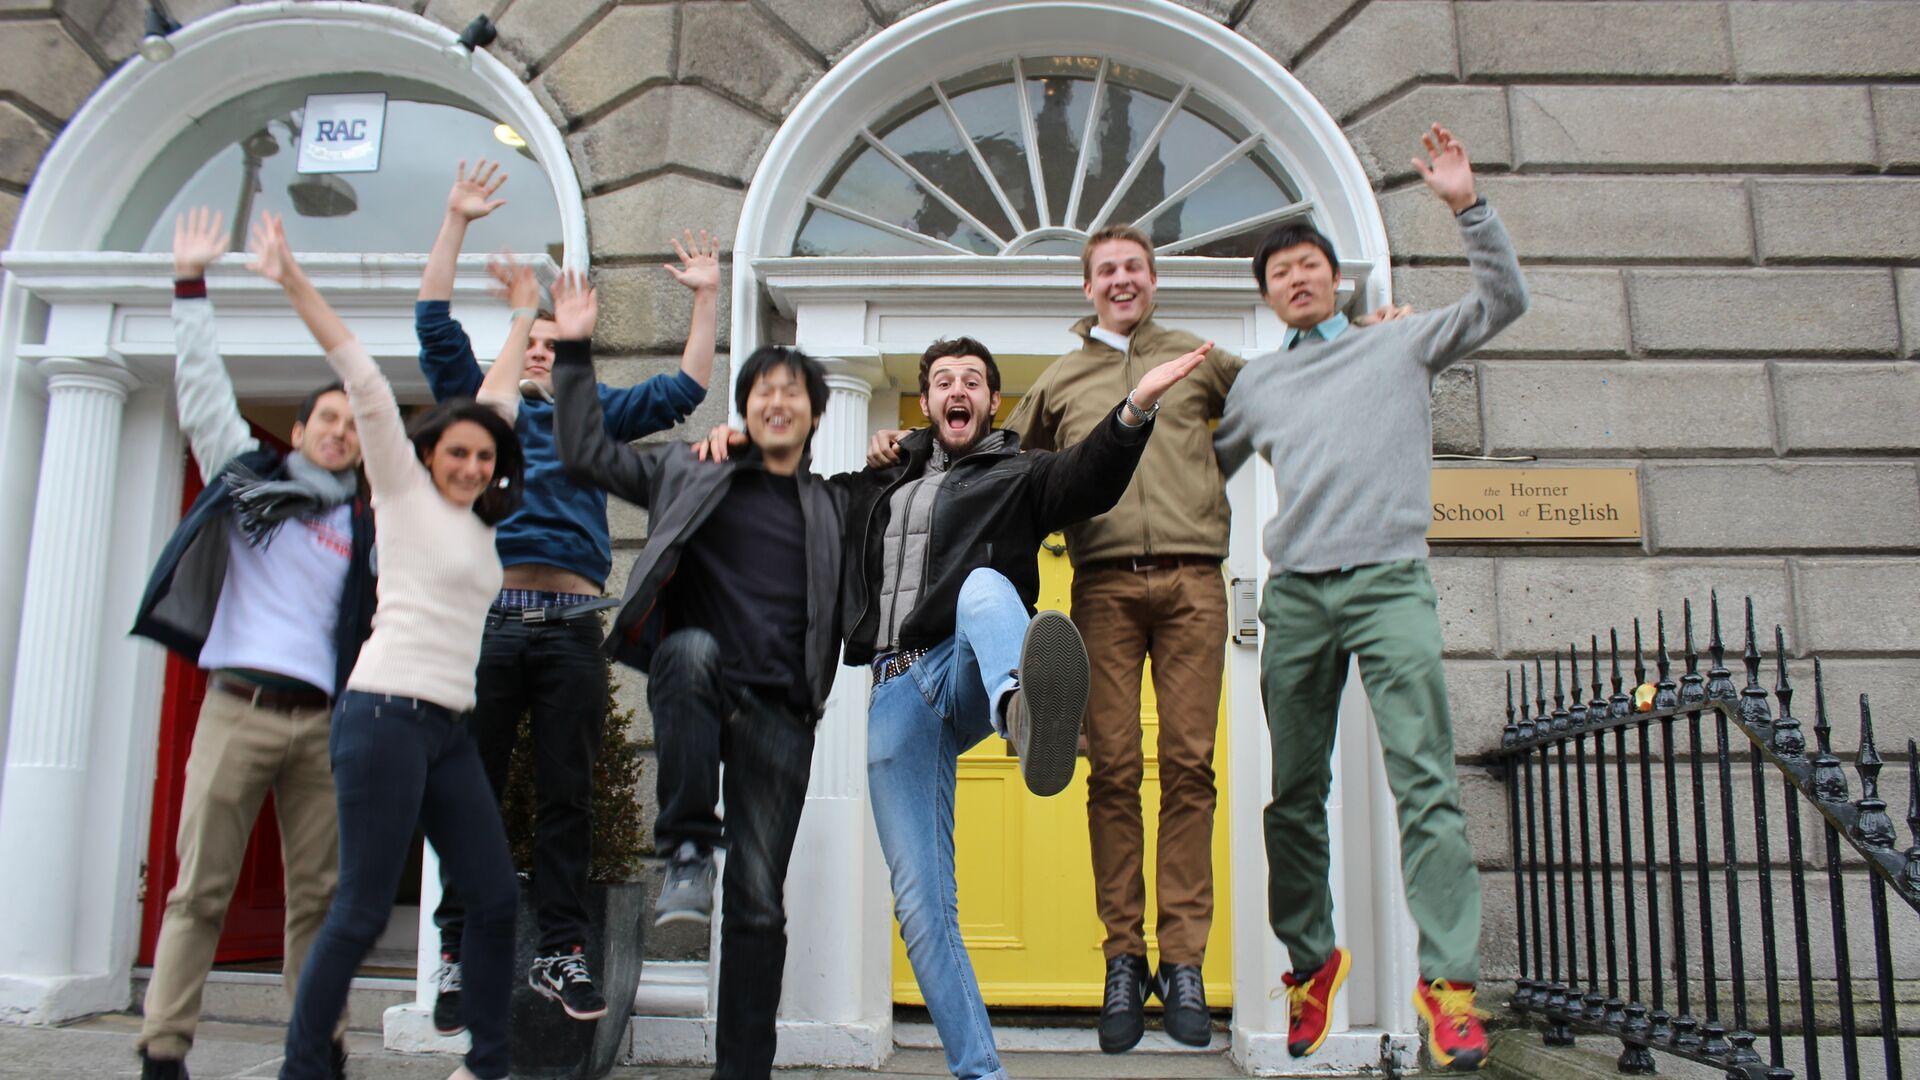 Séjour linguistique Irlande, Dublin - The Horner School Dublin - École